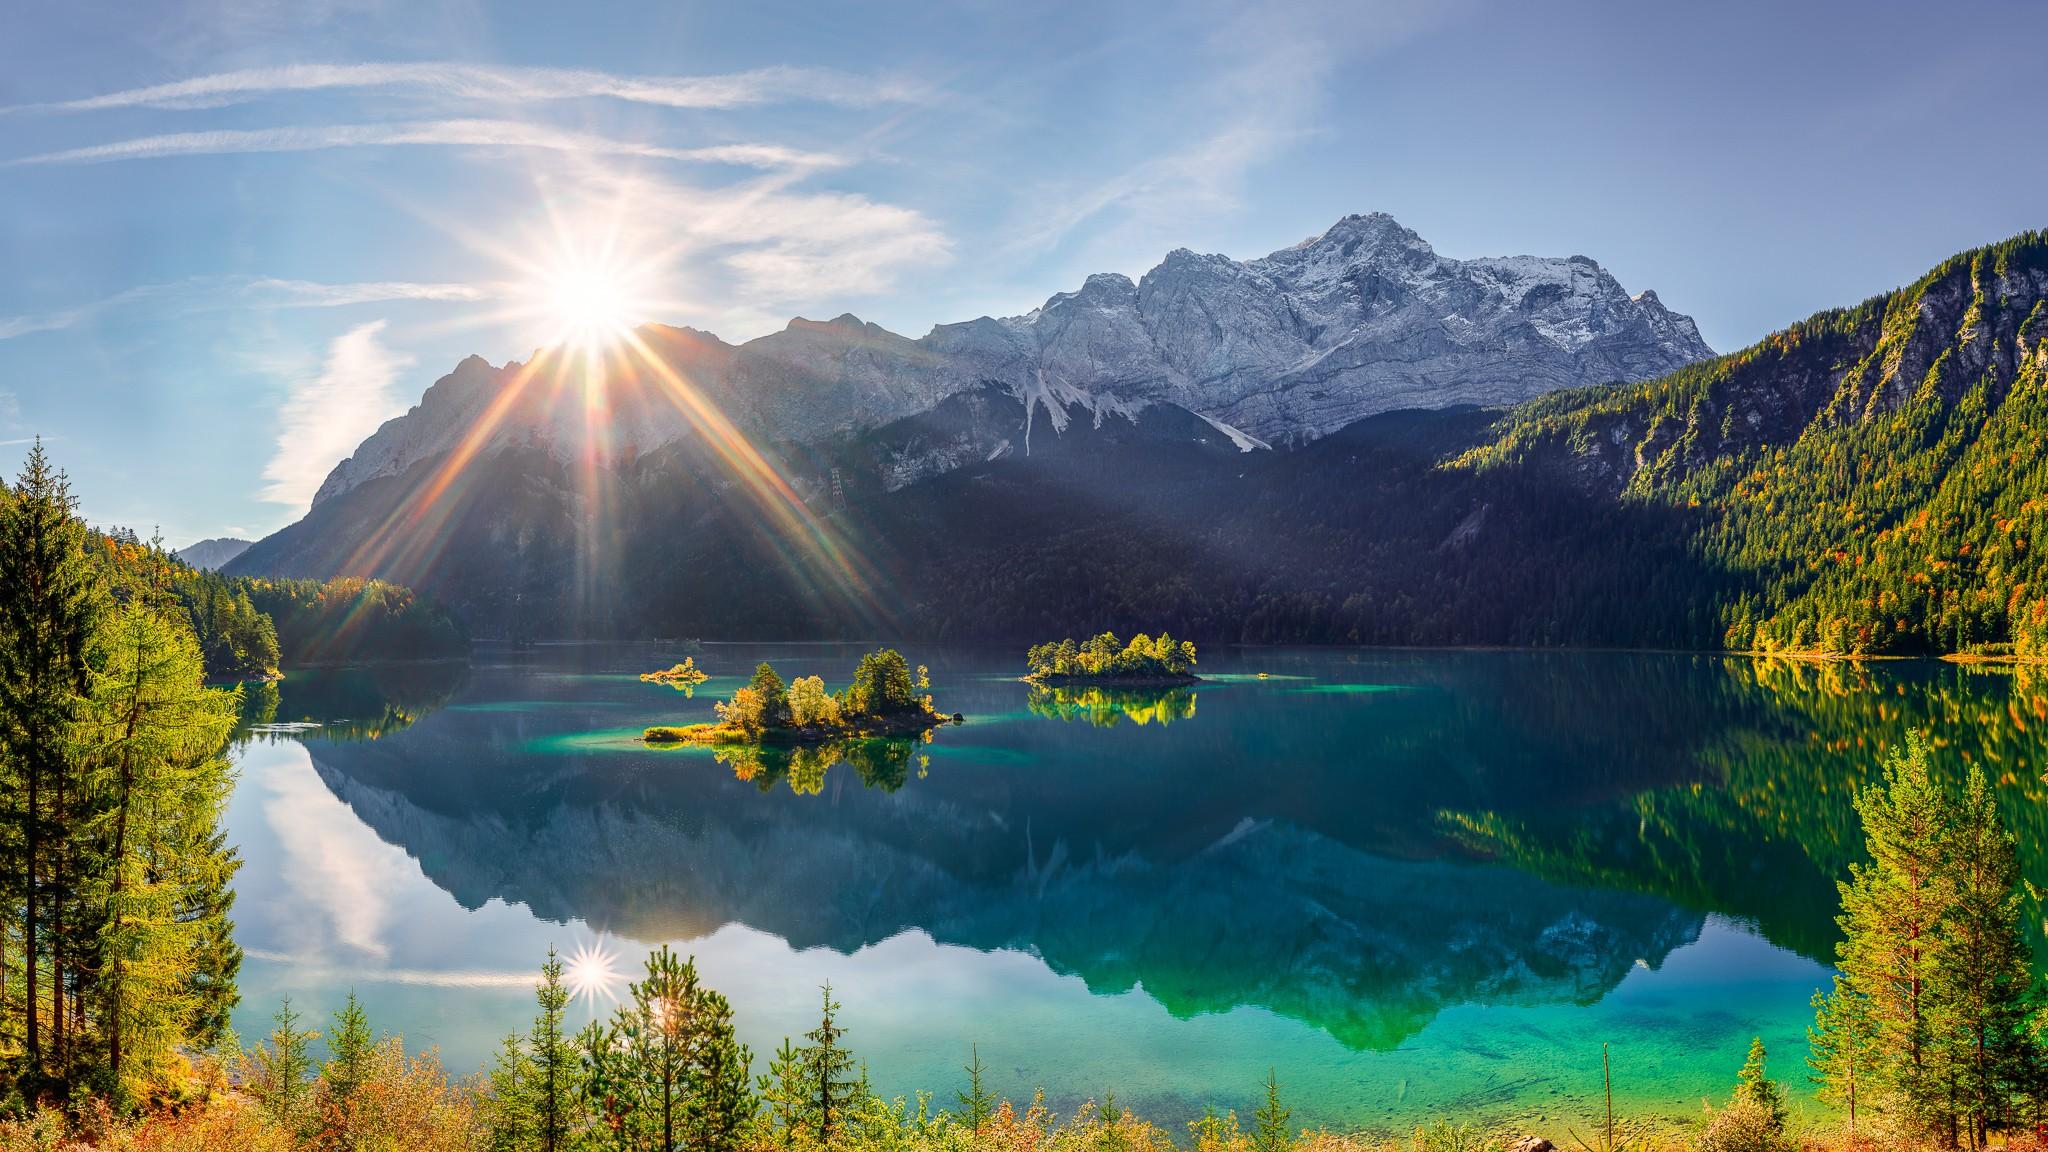 Der am Fuße der Zugspitze gelegene Eibsee bietet im Herbst einen wunderbaren Blick auf das Zugspitzmassiv.